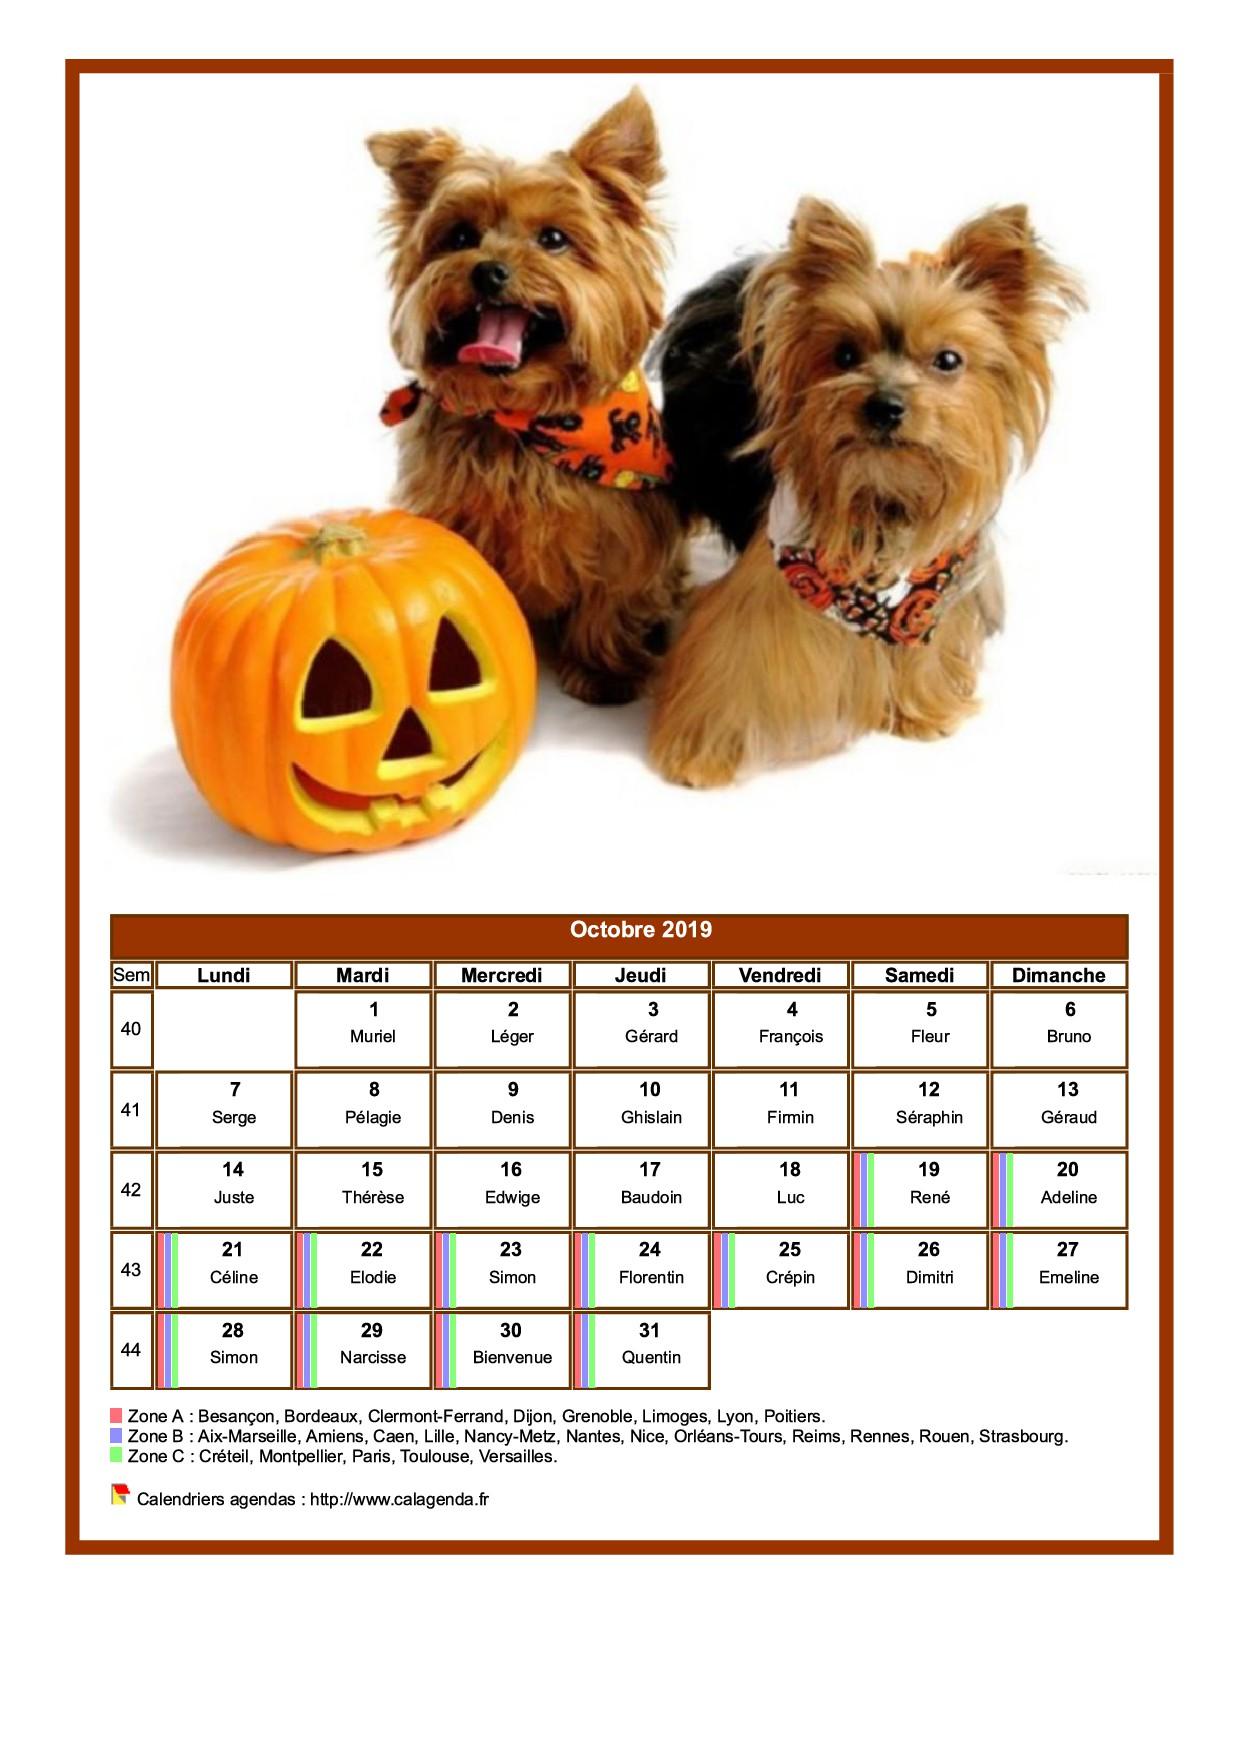 Calendrier octobre 2019 chiens